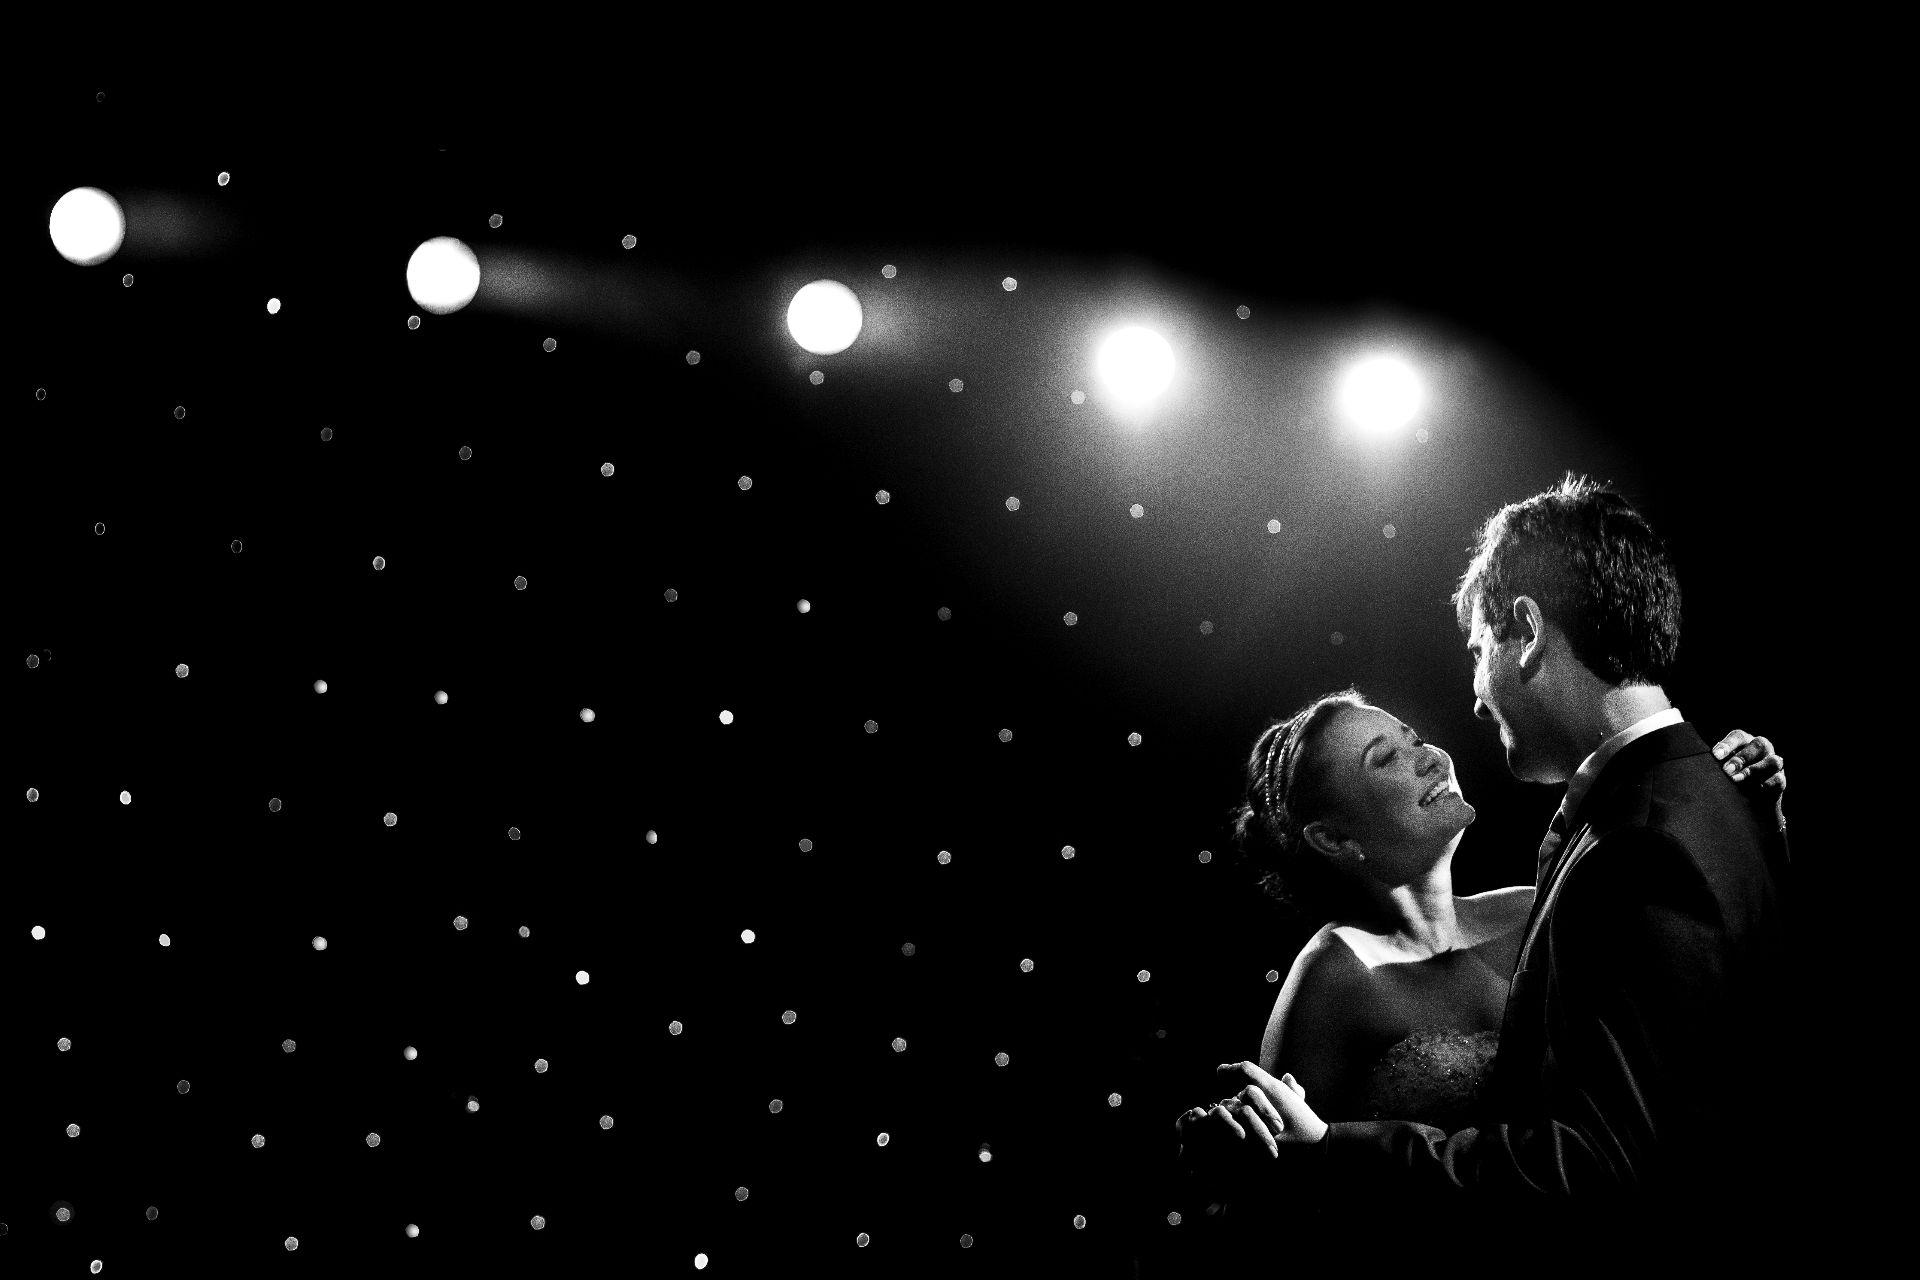 casamento na fazenda casamento em sao paulo noiva vestido de noiva decoração de casamento bride noivosnarciso souza casamento igreja nossa senhora do brasil cerimonia nossa senhora do brasil 4 Casamento Jackellyne Santana ❤︎ Carlos Menezes | Igreja Nossa Senhora do Brasil La Luna fotografo